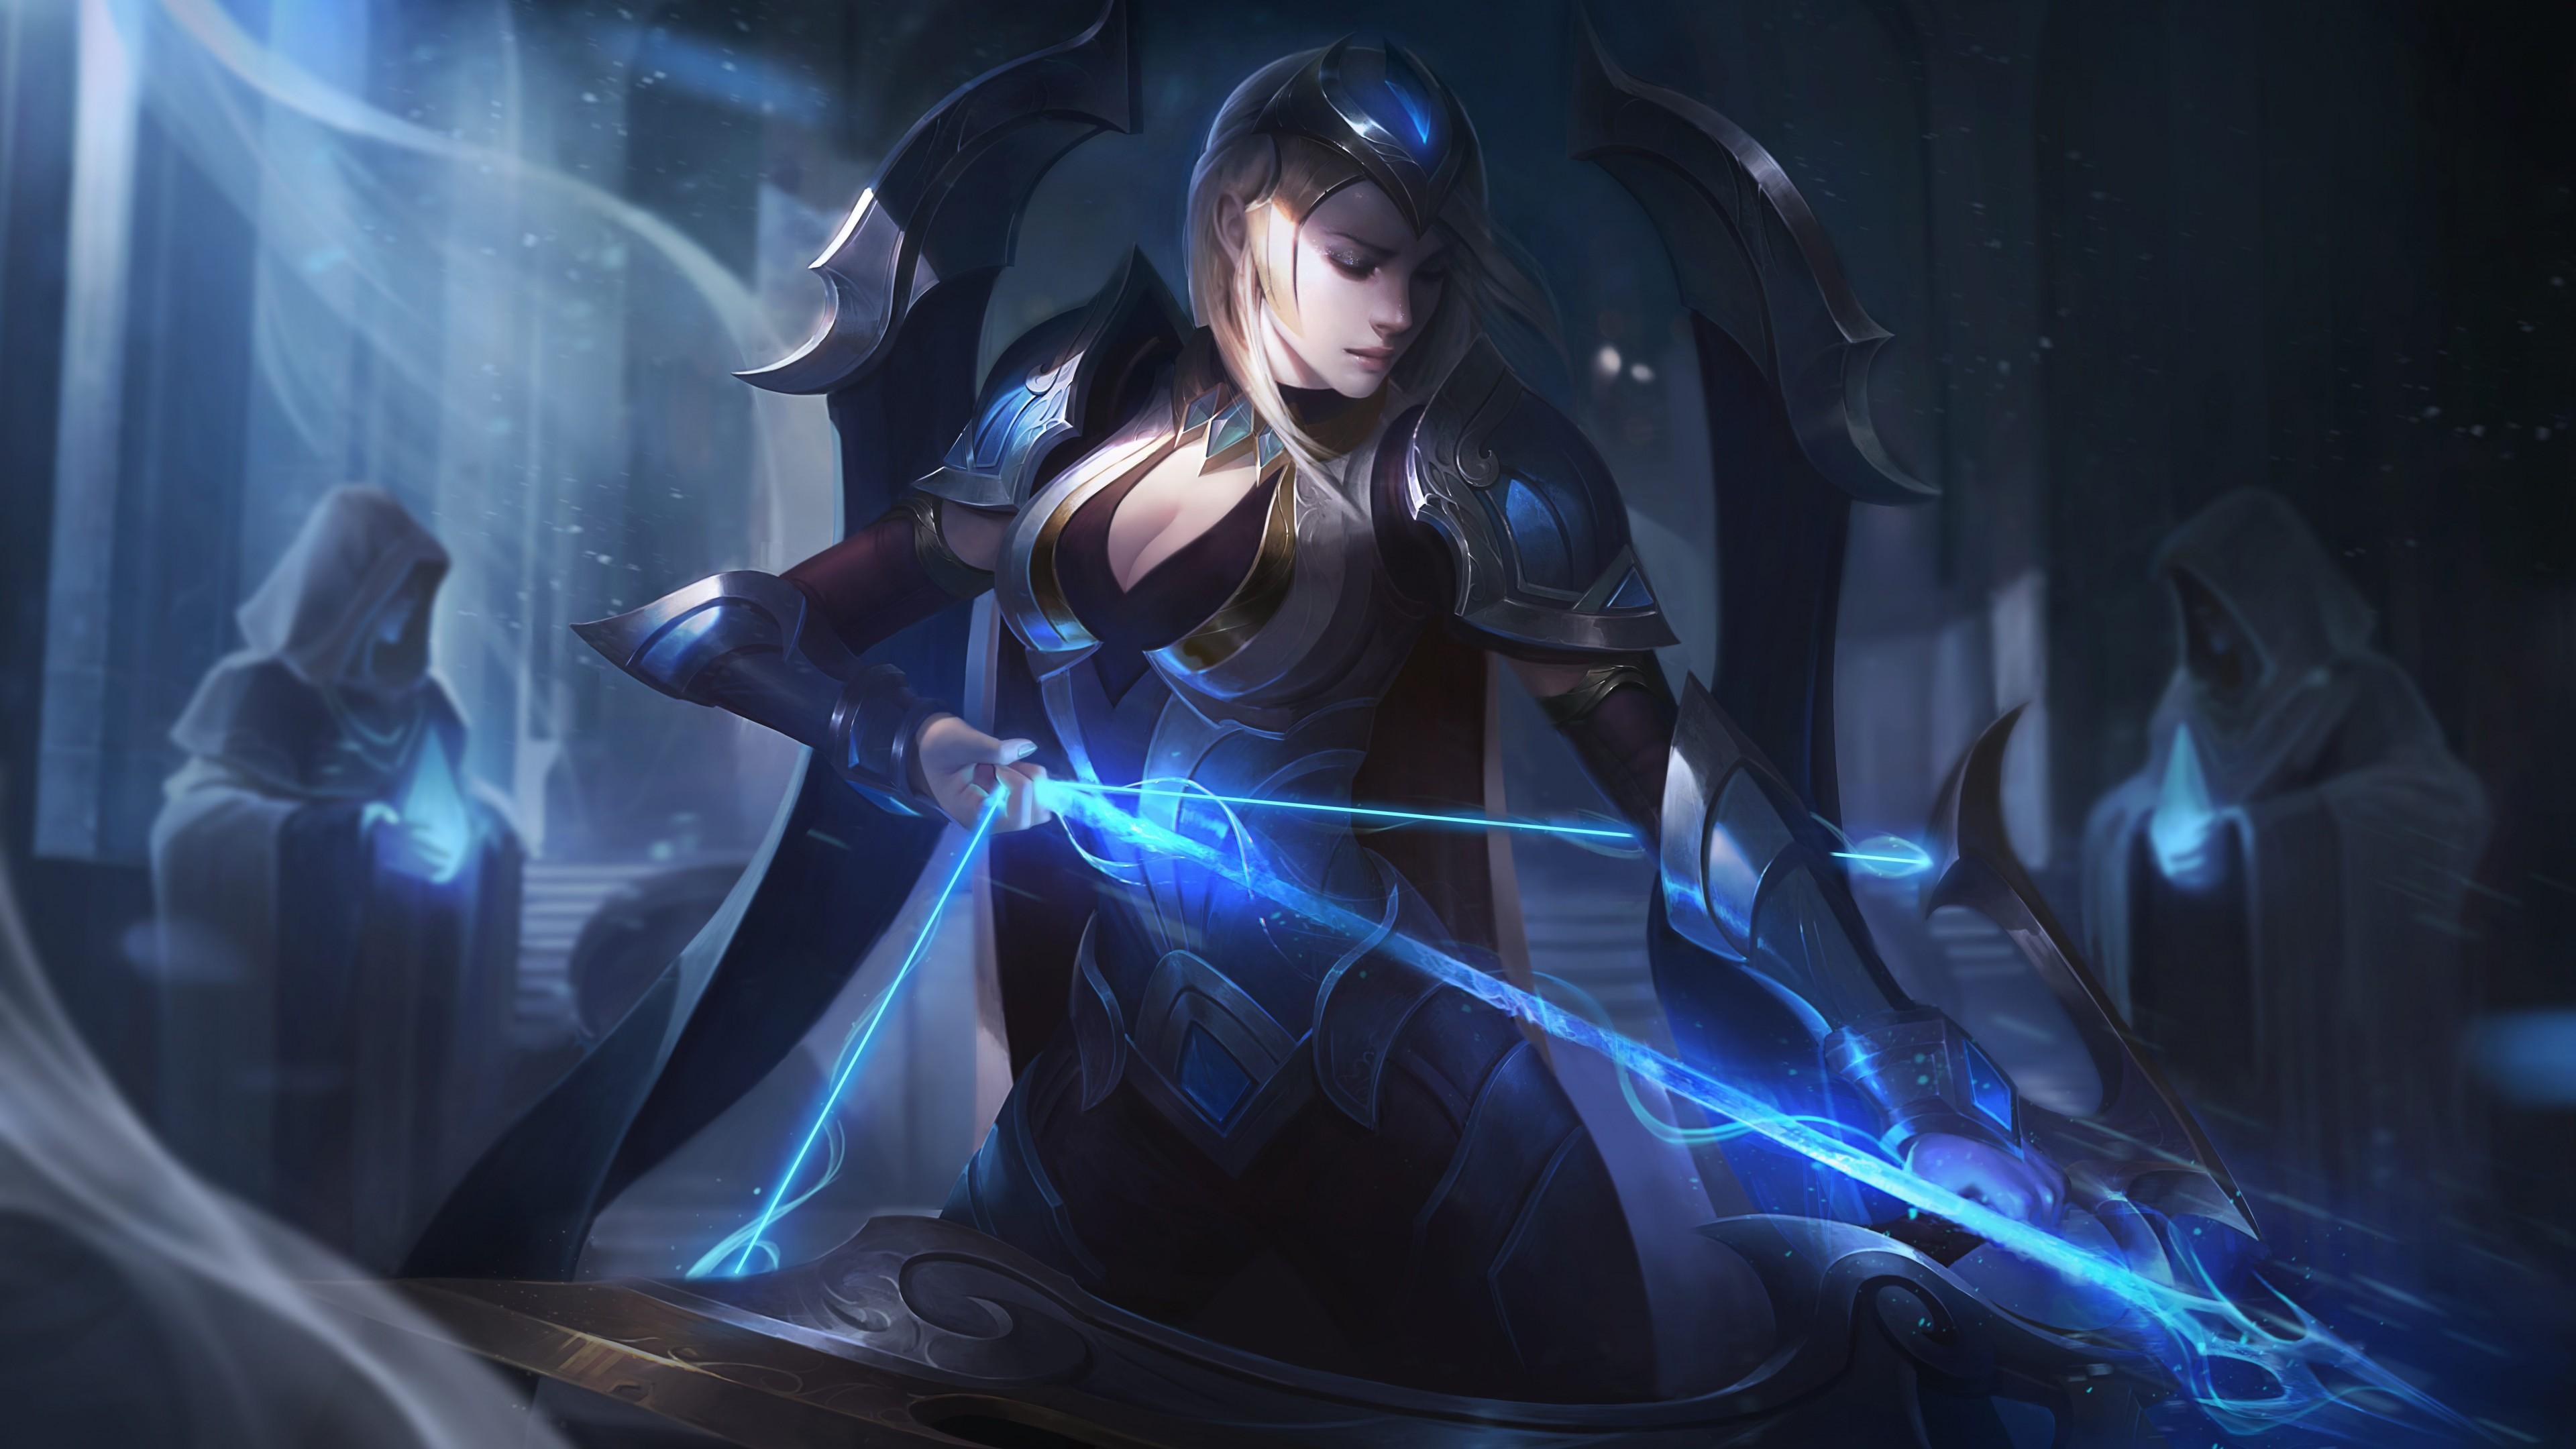 Бесстрашная девушка-маг в фиолетовой броне и копьем,излучающим неоновый свет